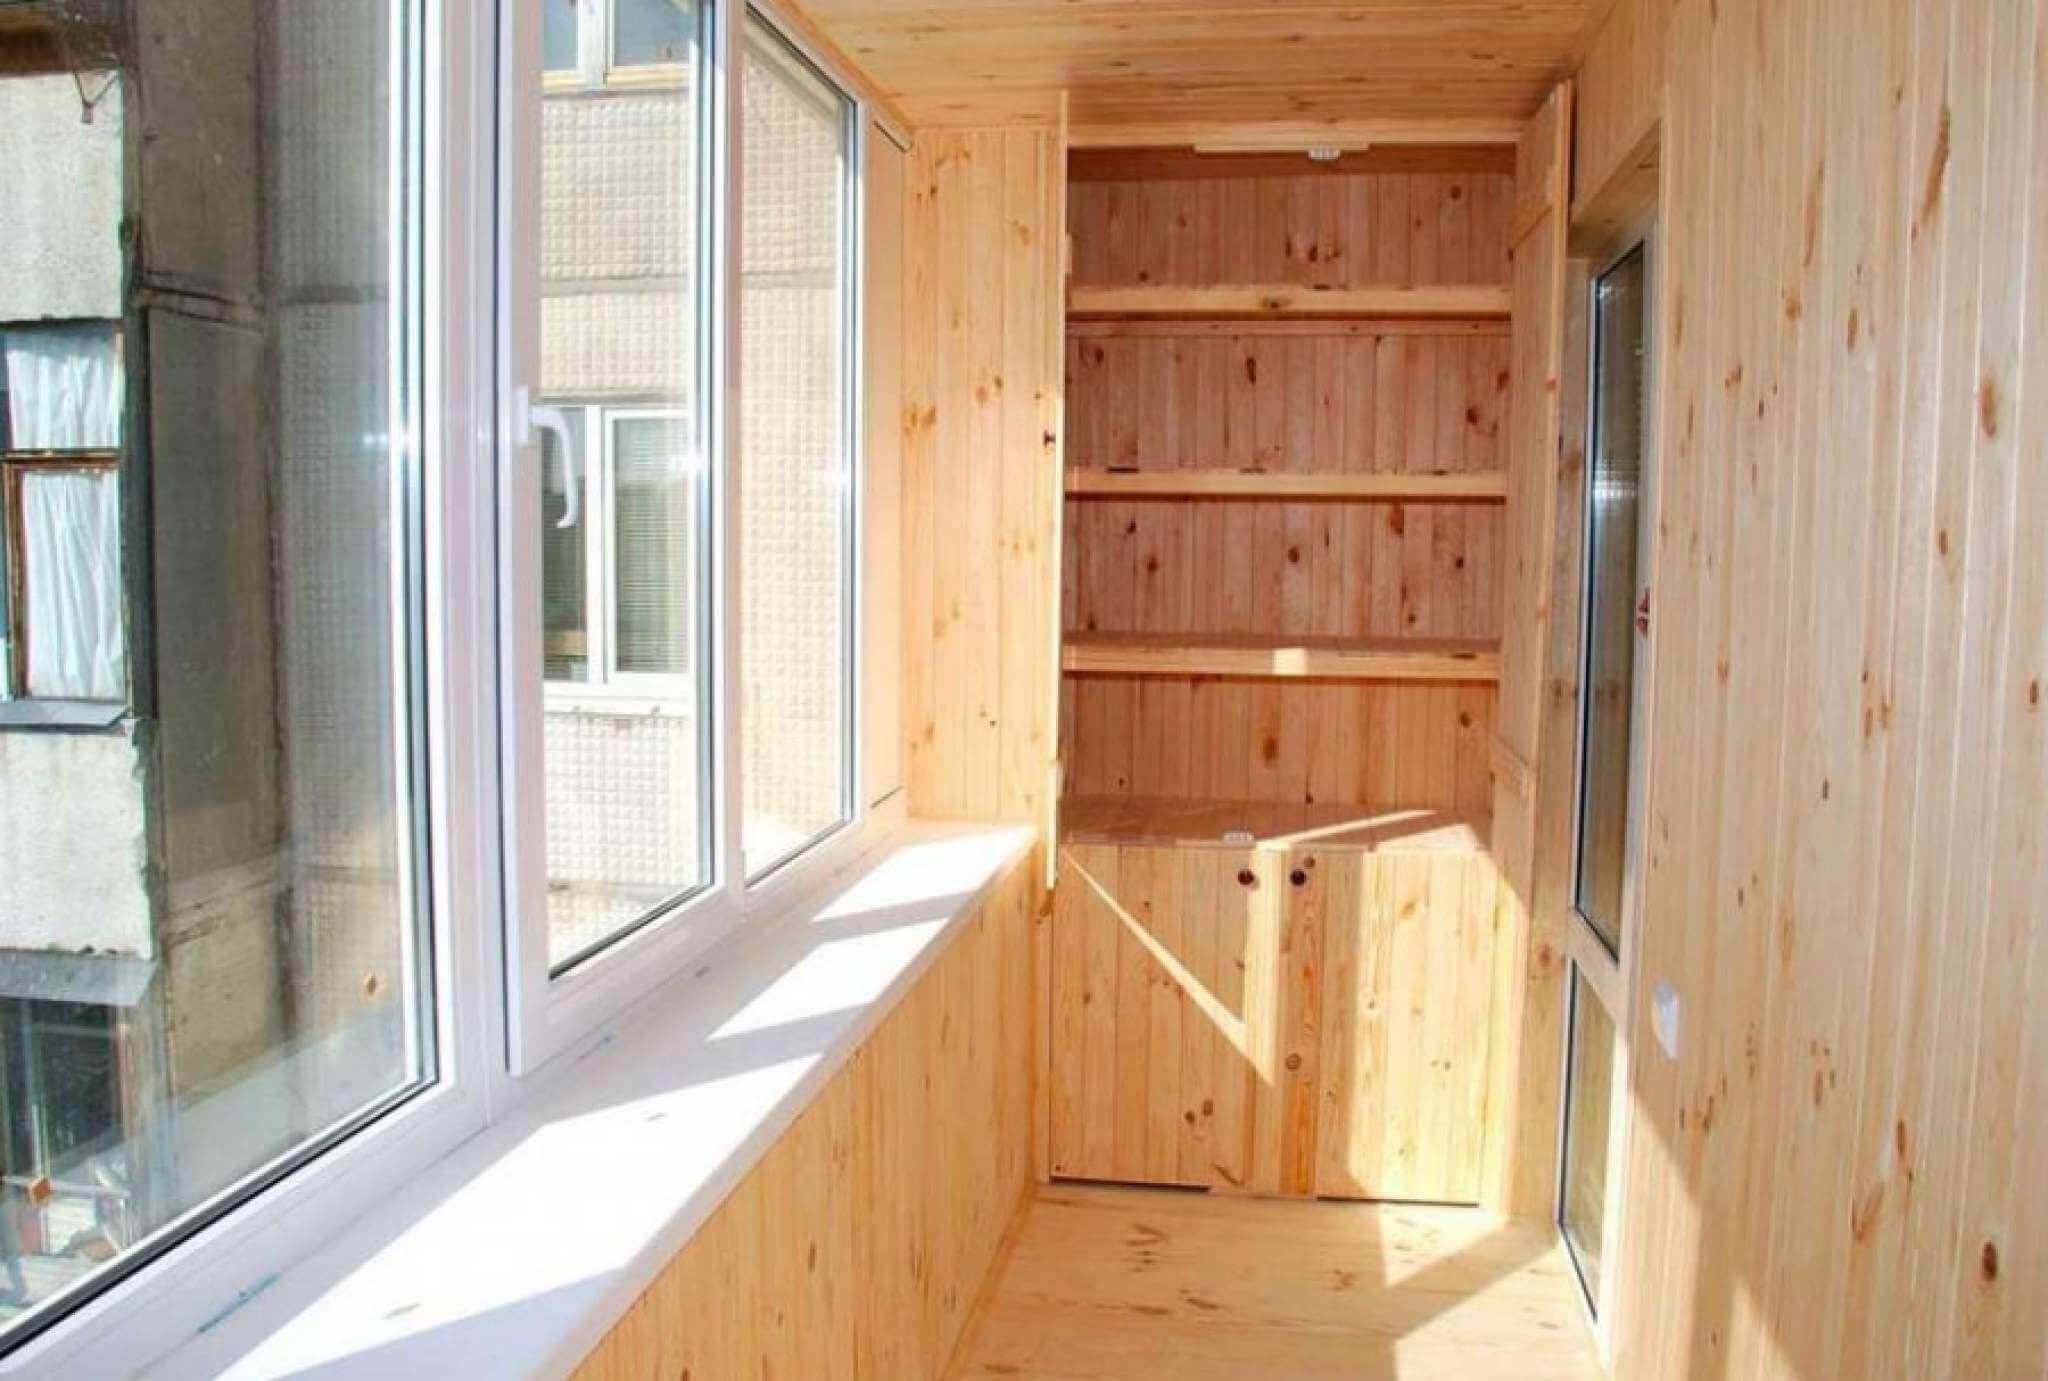 Отделка балкона вагонкой: пошаговая видео-инструкция по монт.